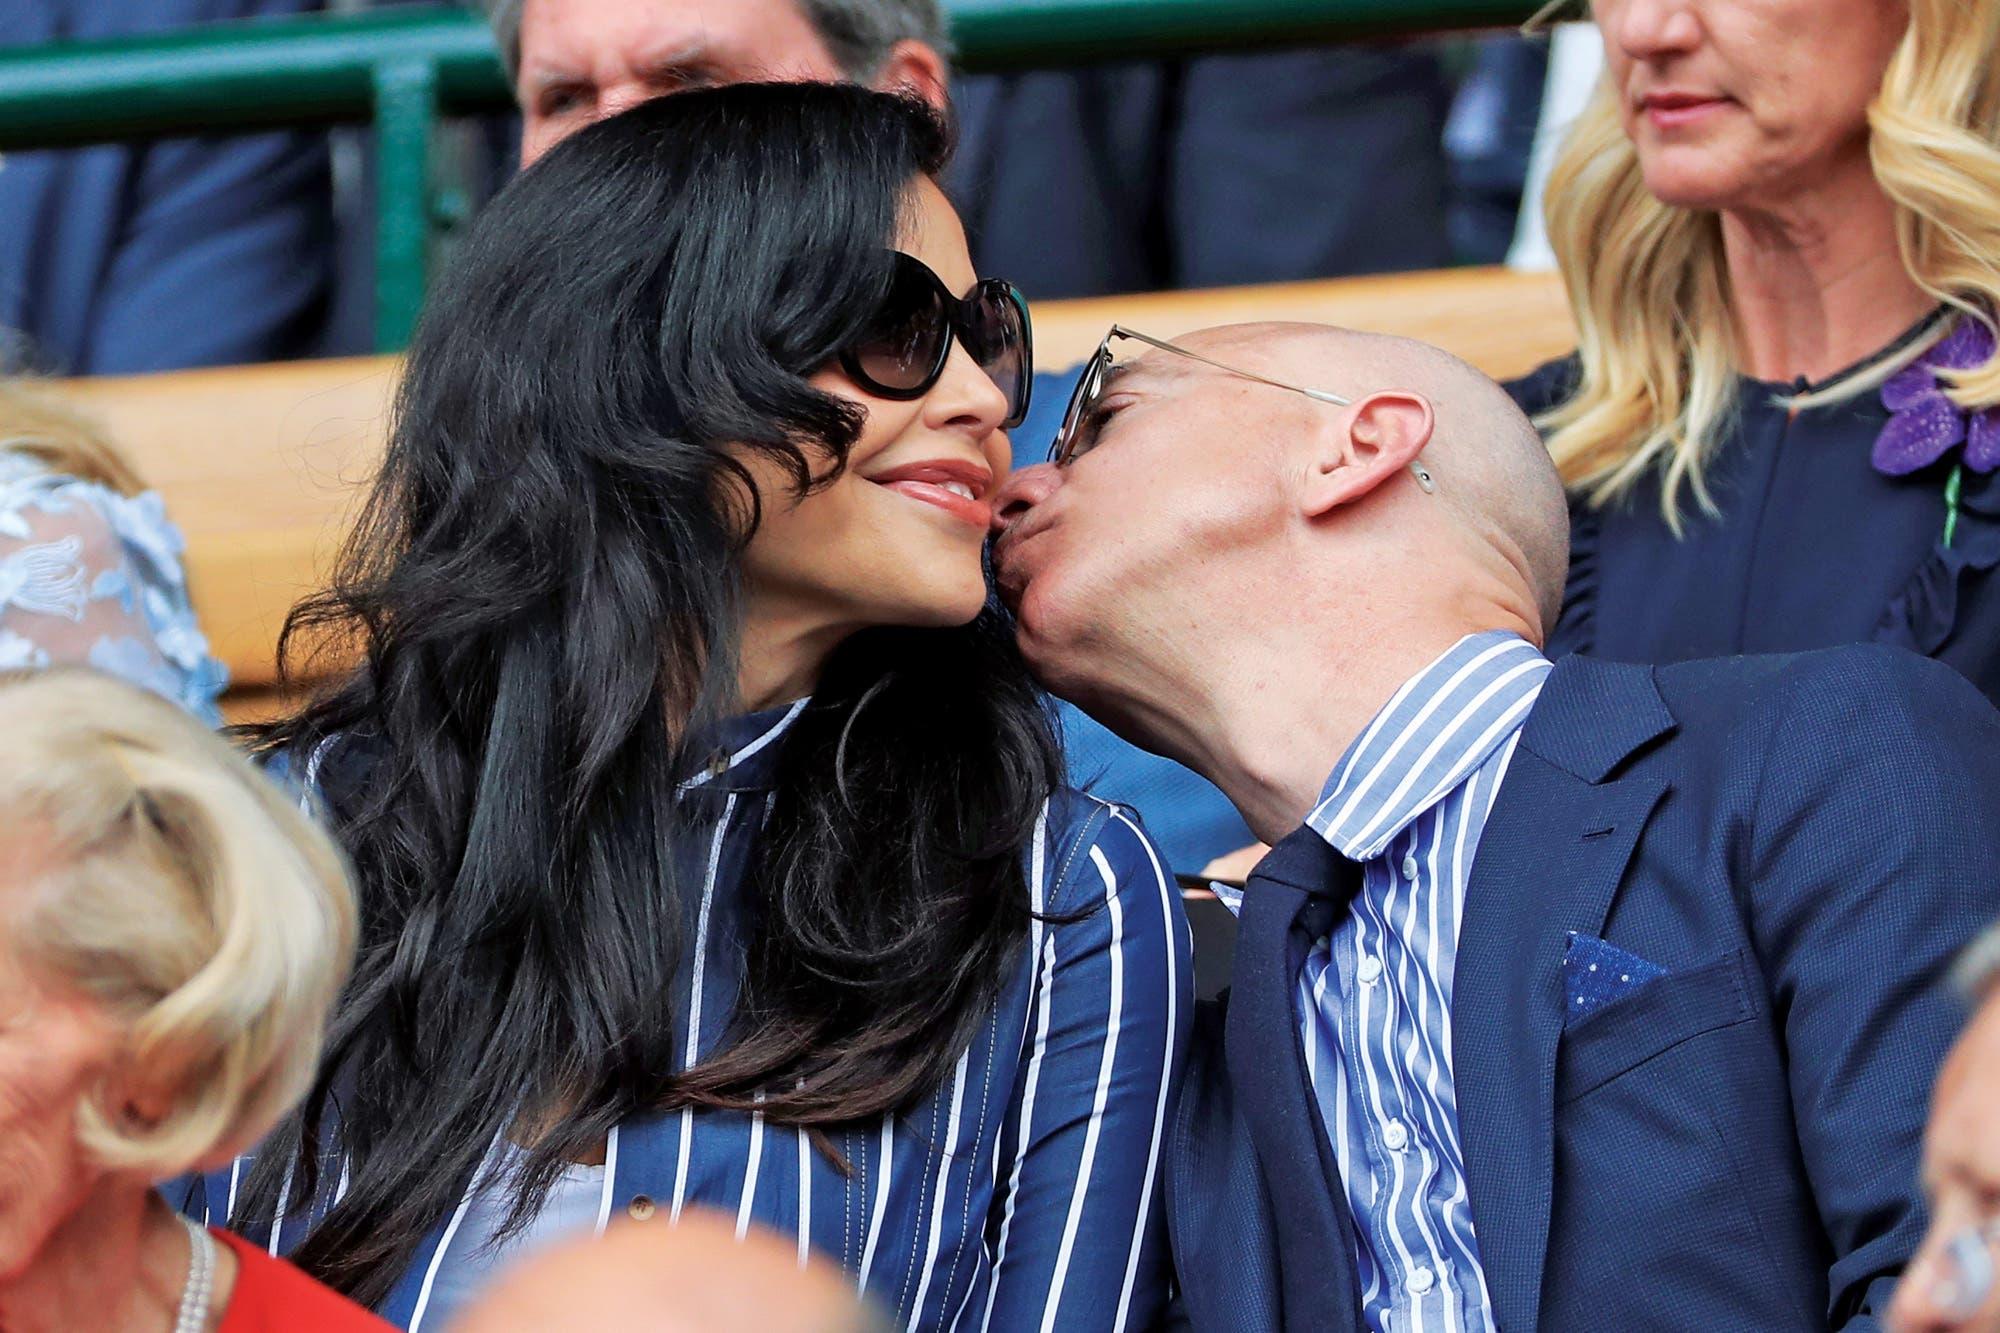 Jeff Bezos, el multimillonario empresario tecnológico que se convirtió en la tapa de los tabloides